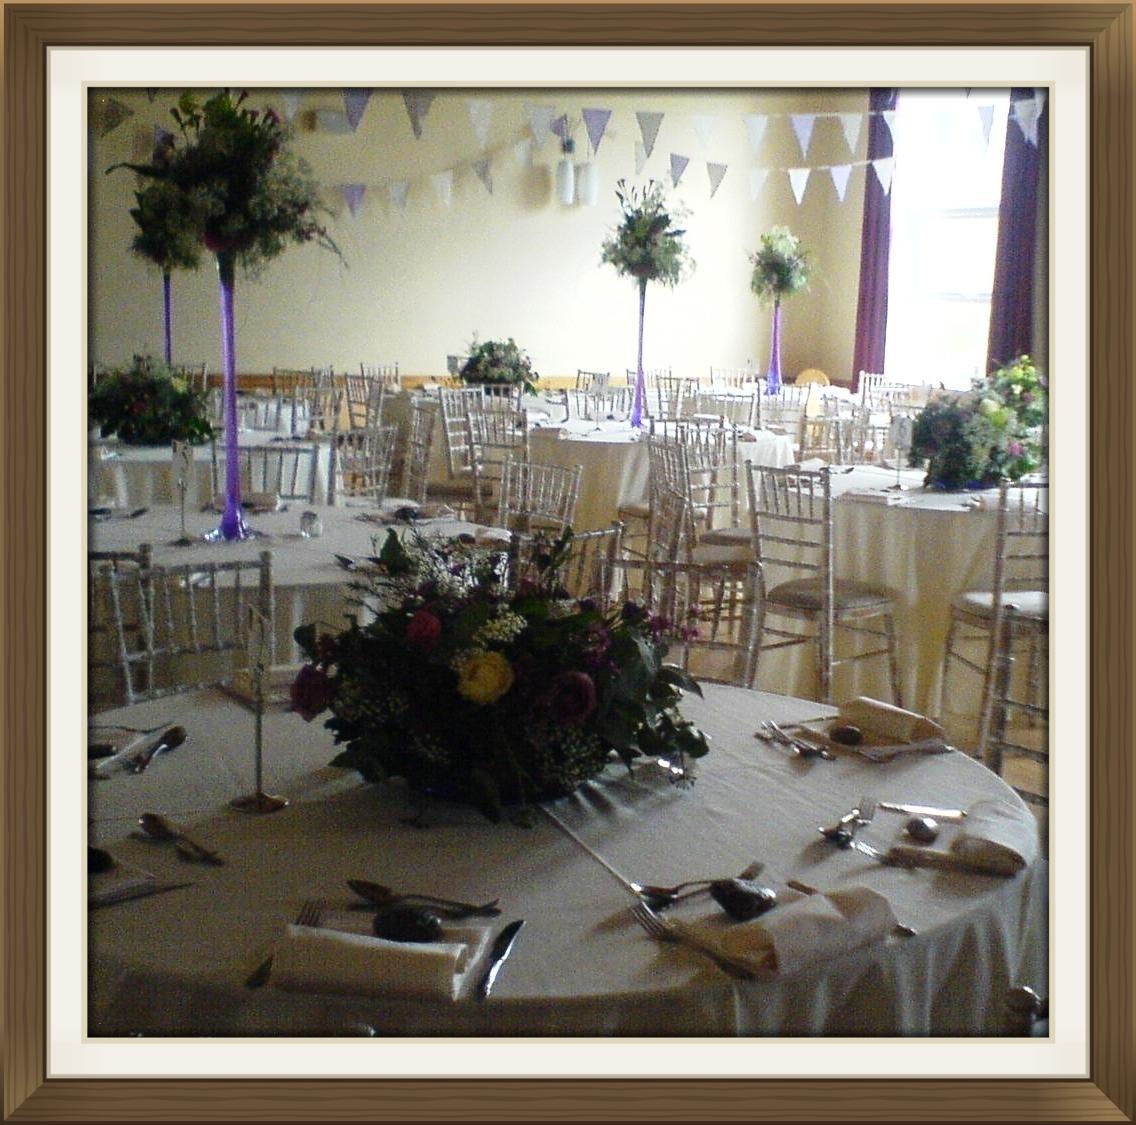 Village hall wedding venue table settings 4